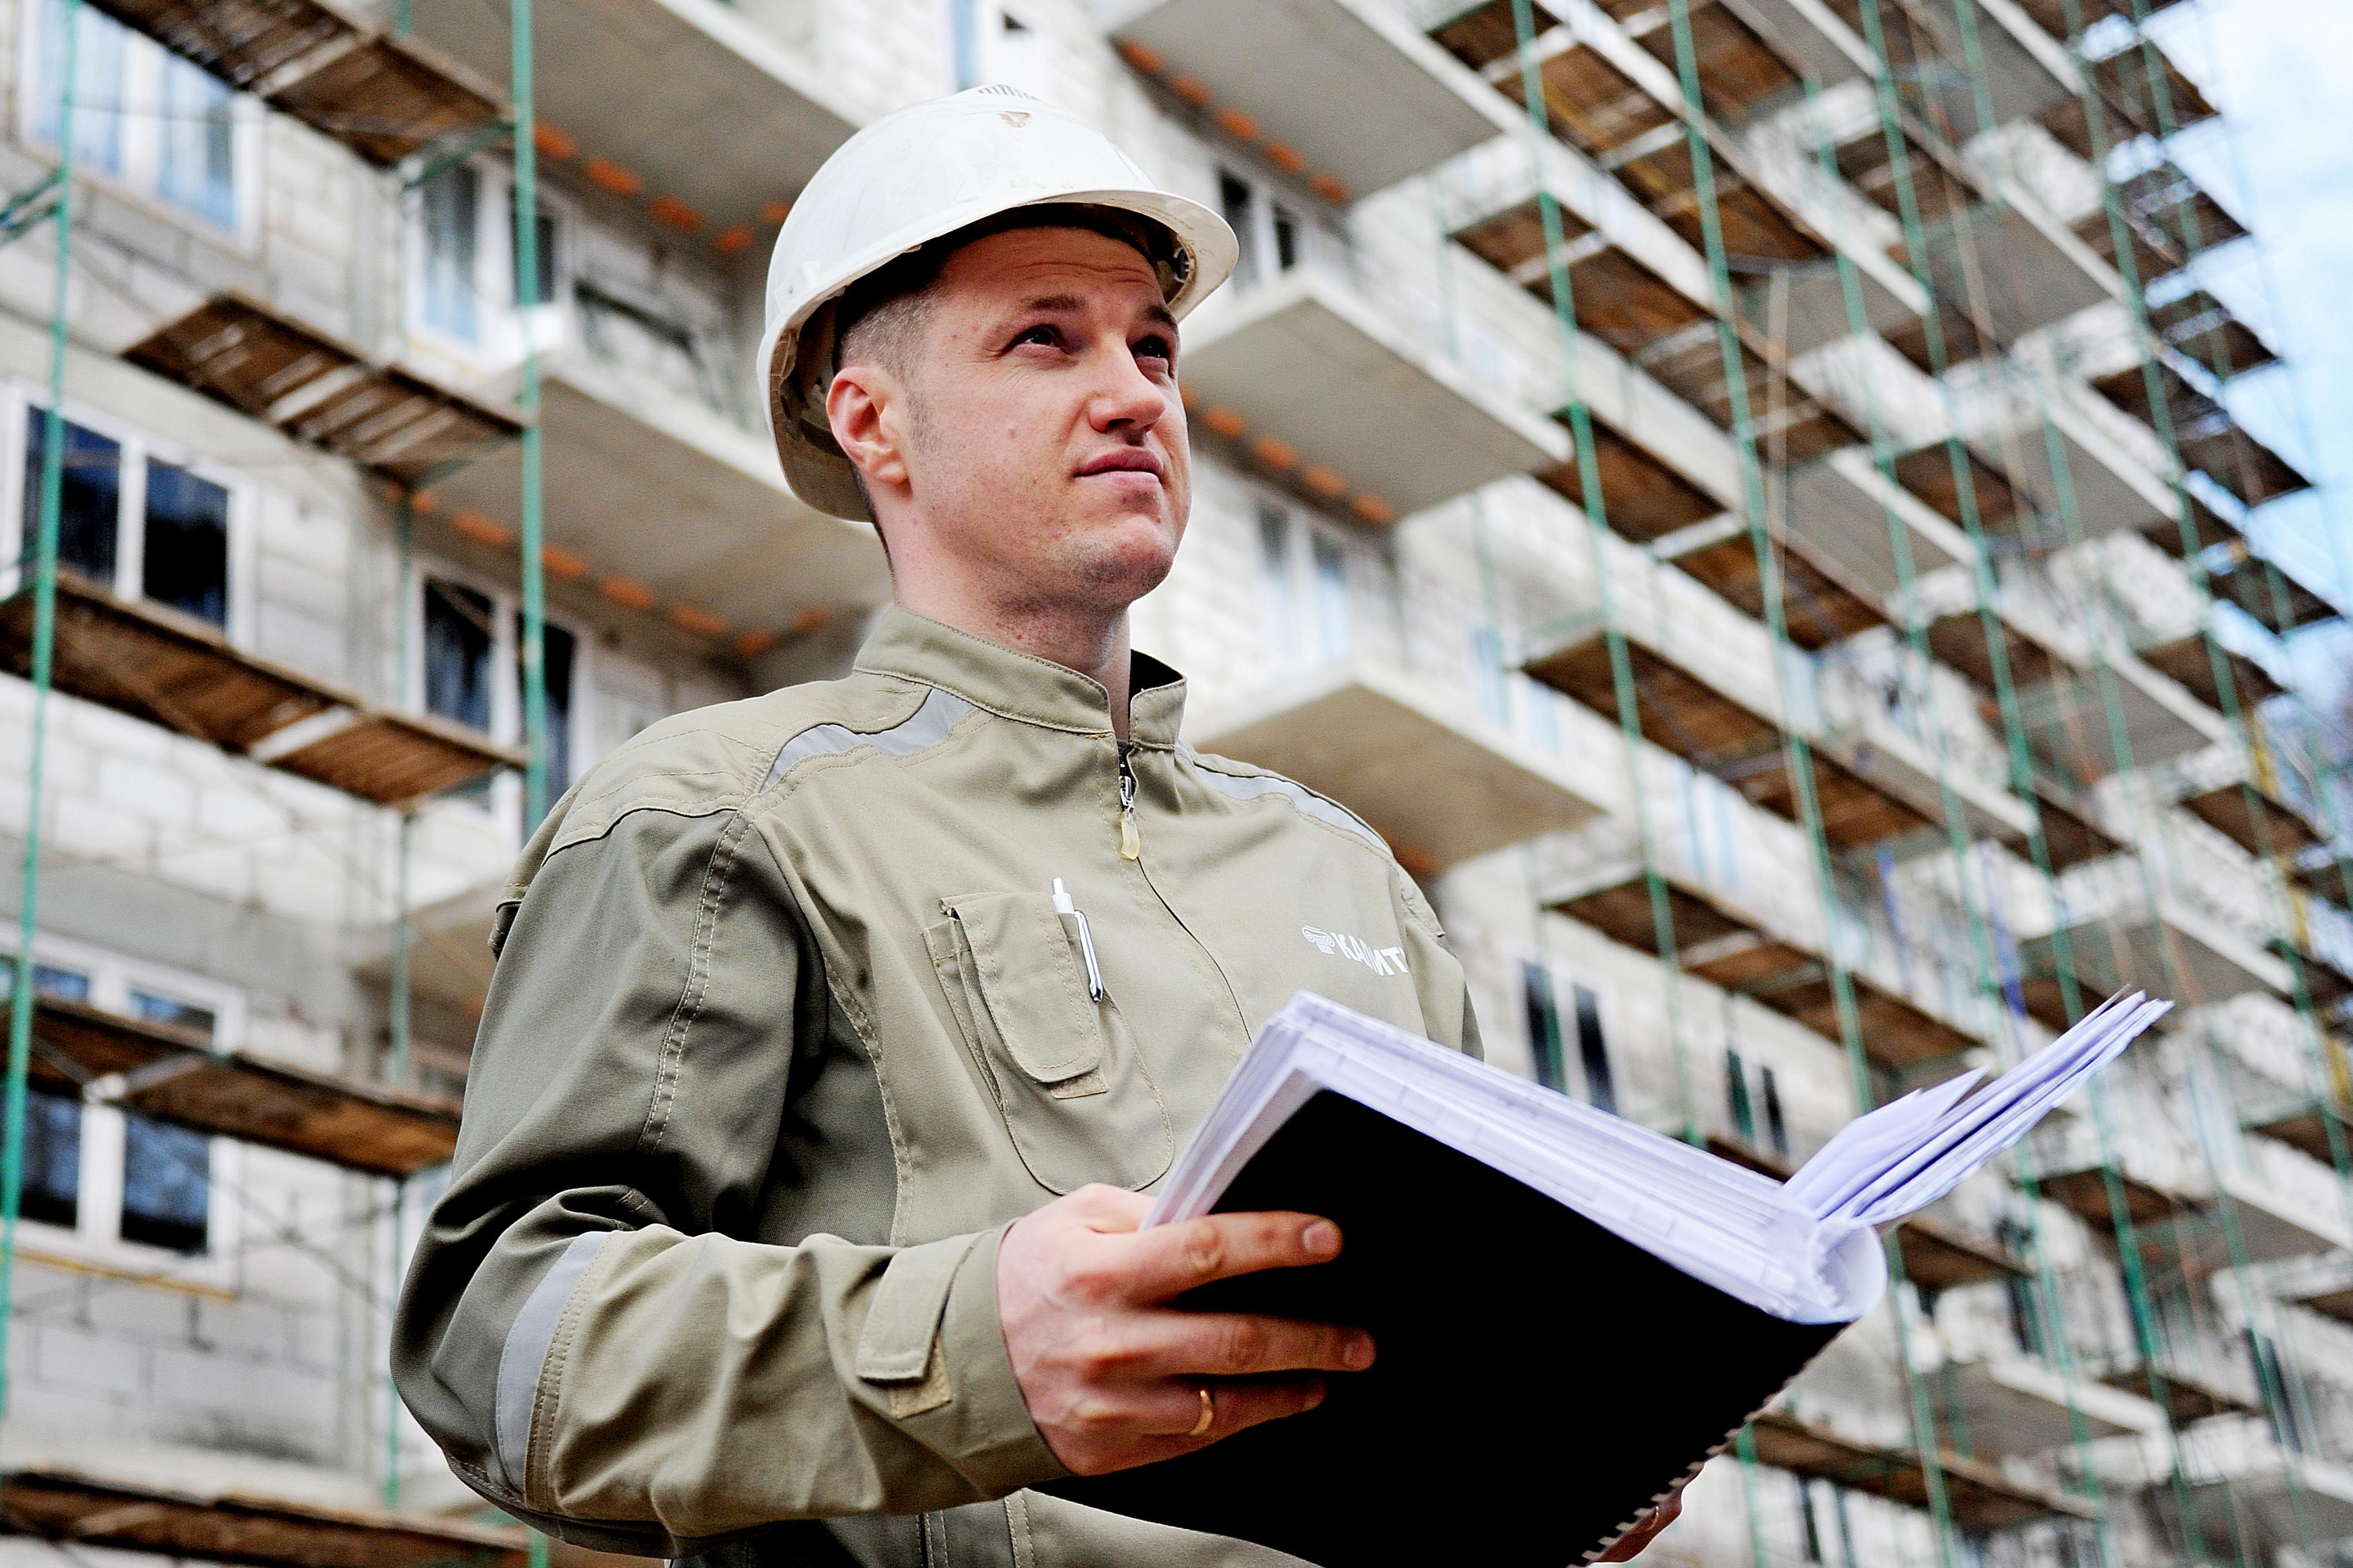 Жилой комплекс с детсадом появится в промзоне на юго-востоке Москвы